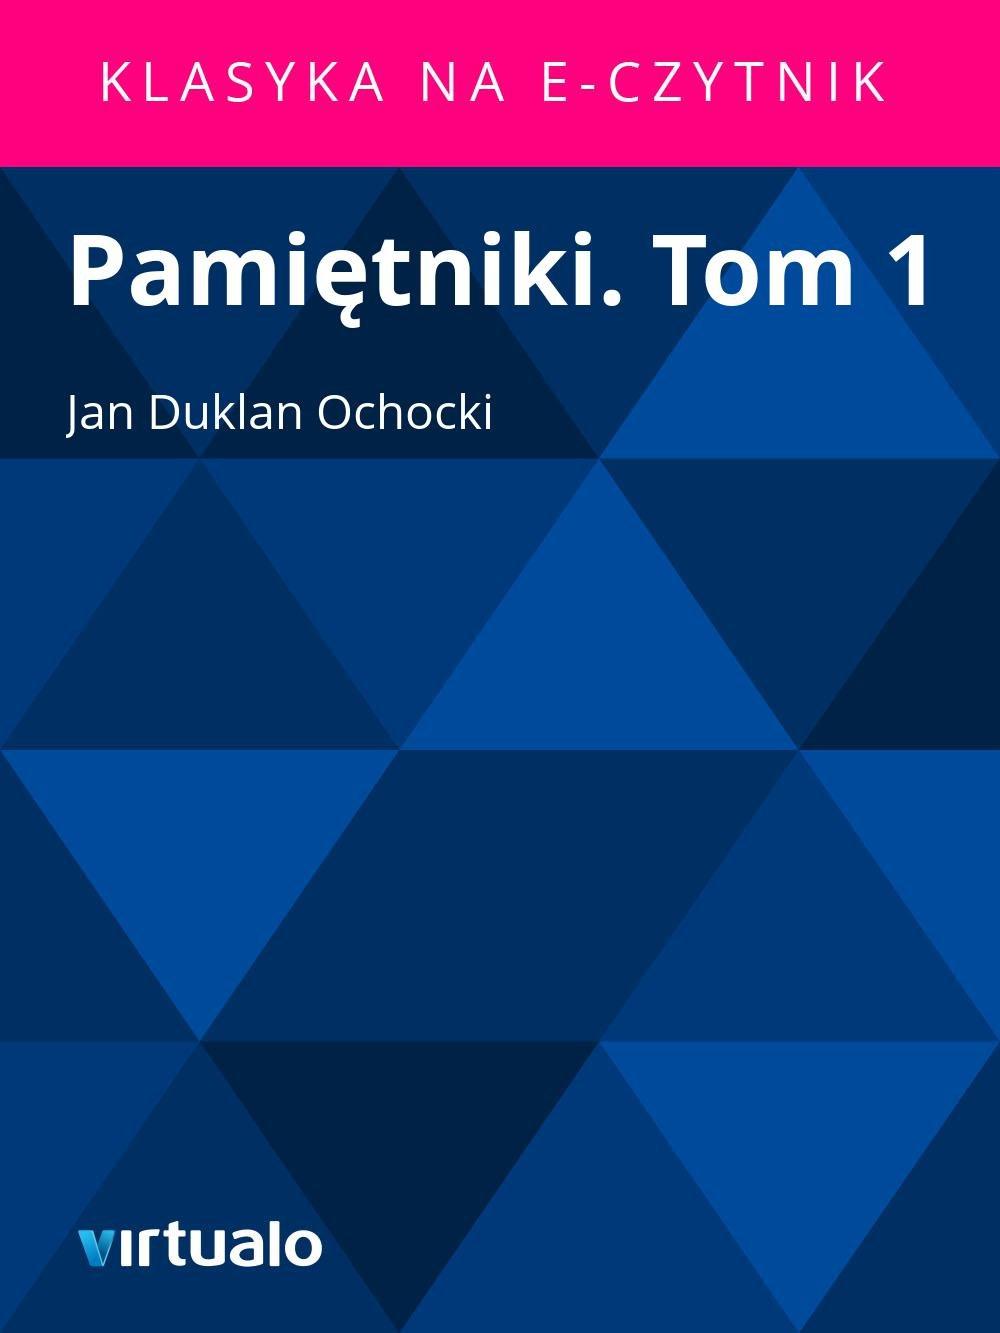 Pamiętniki. Tom 1 - Ebook (Książka EPUB) do pobrania w formacie EPUB